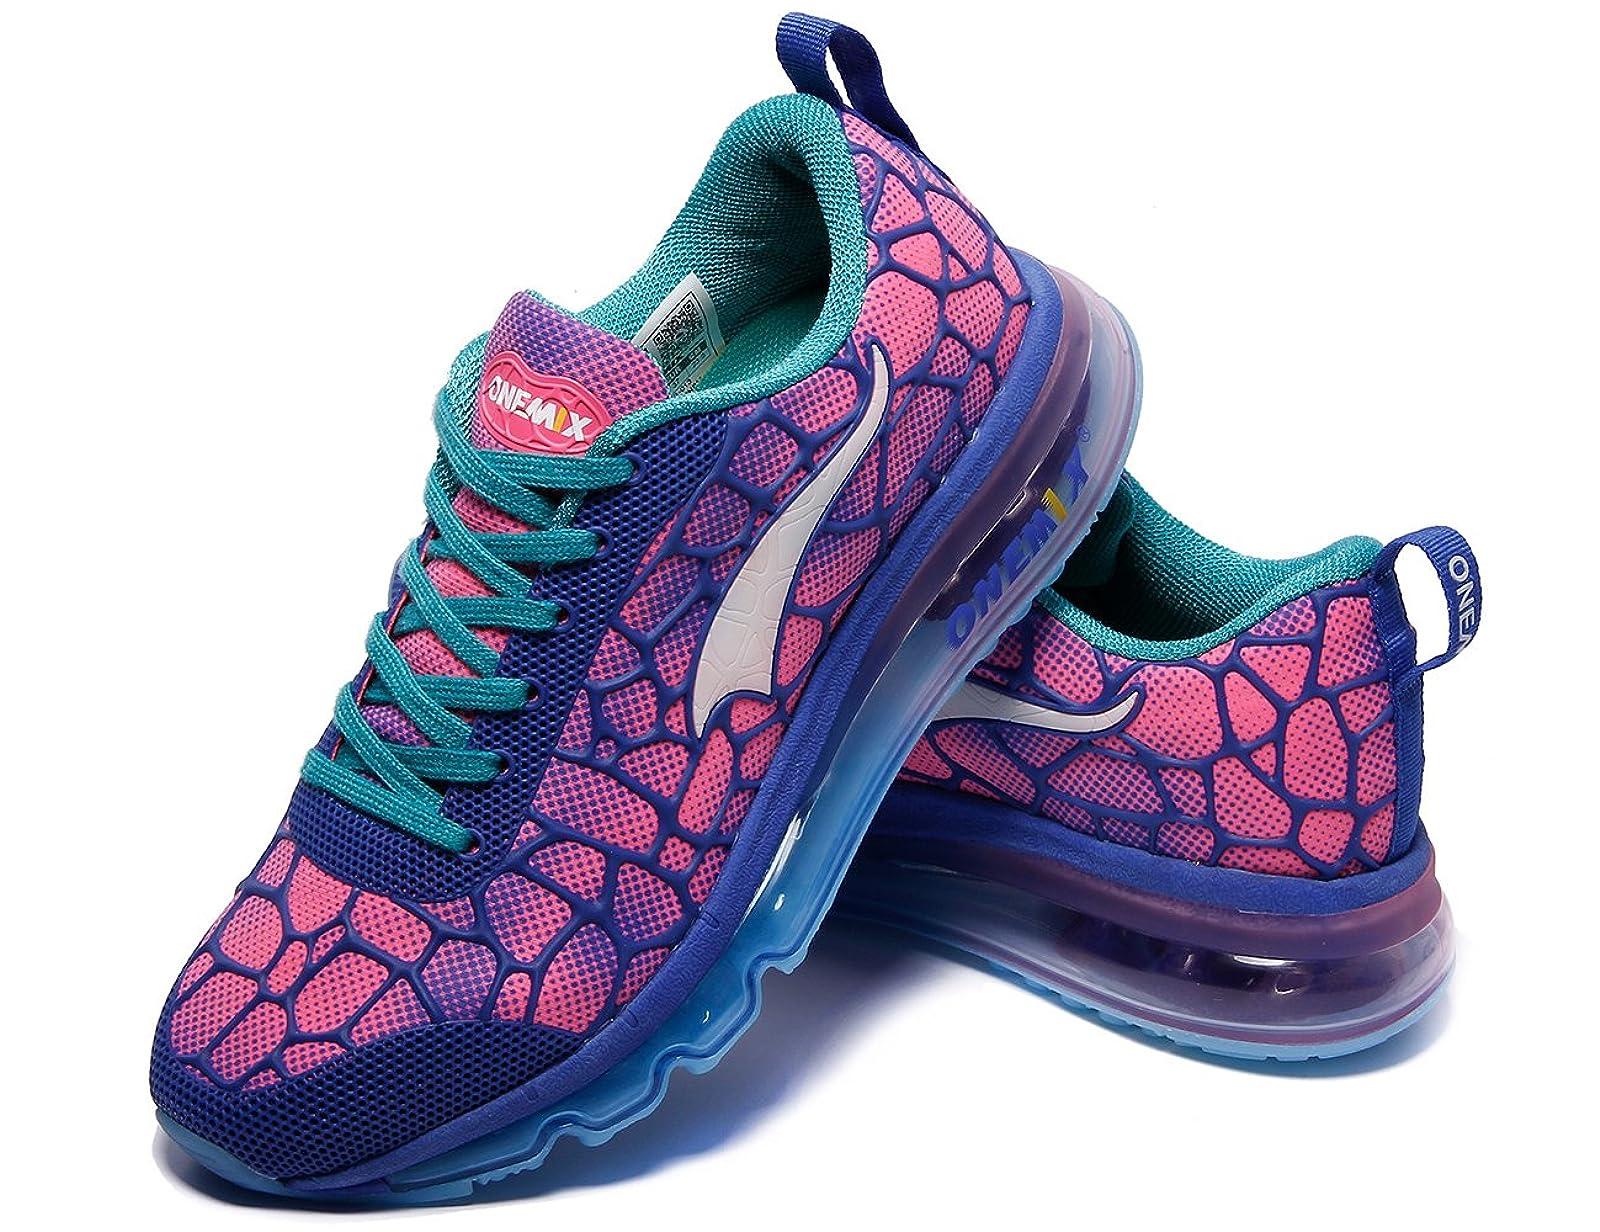 ONEMIX Women's Air Cushiong Running ShoesLightweight W1096 - 2